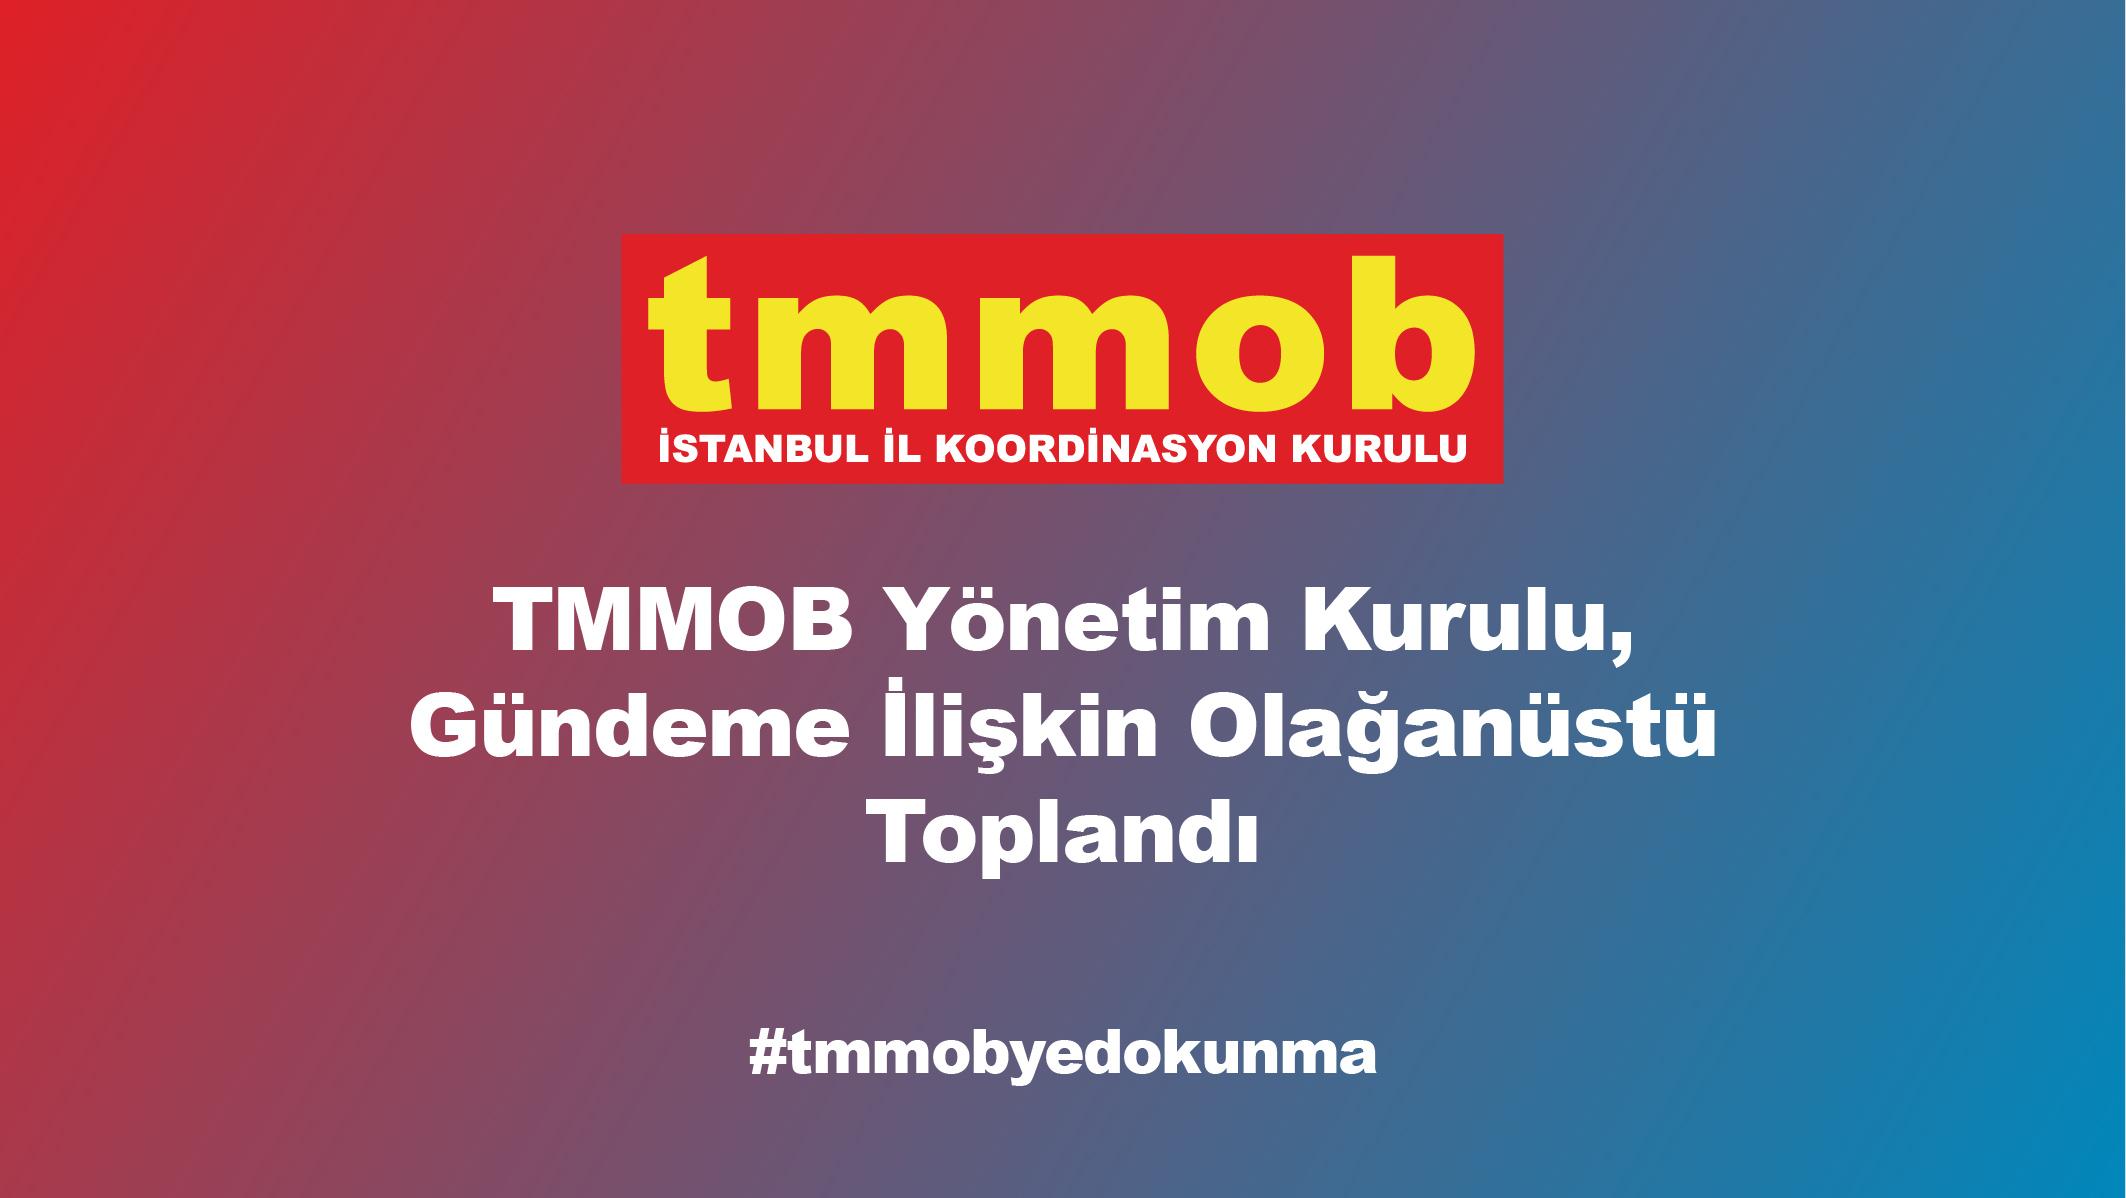 TMMOB Yönetim Kurulu, Gündeme İlişkin Olağanüstü Toplandı